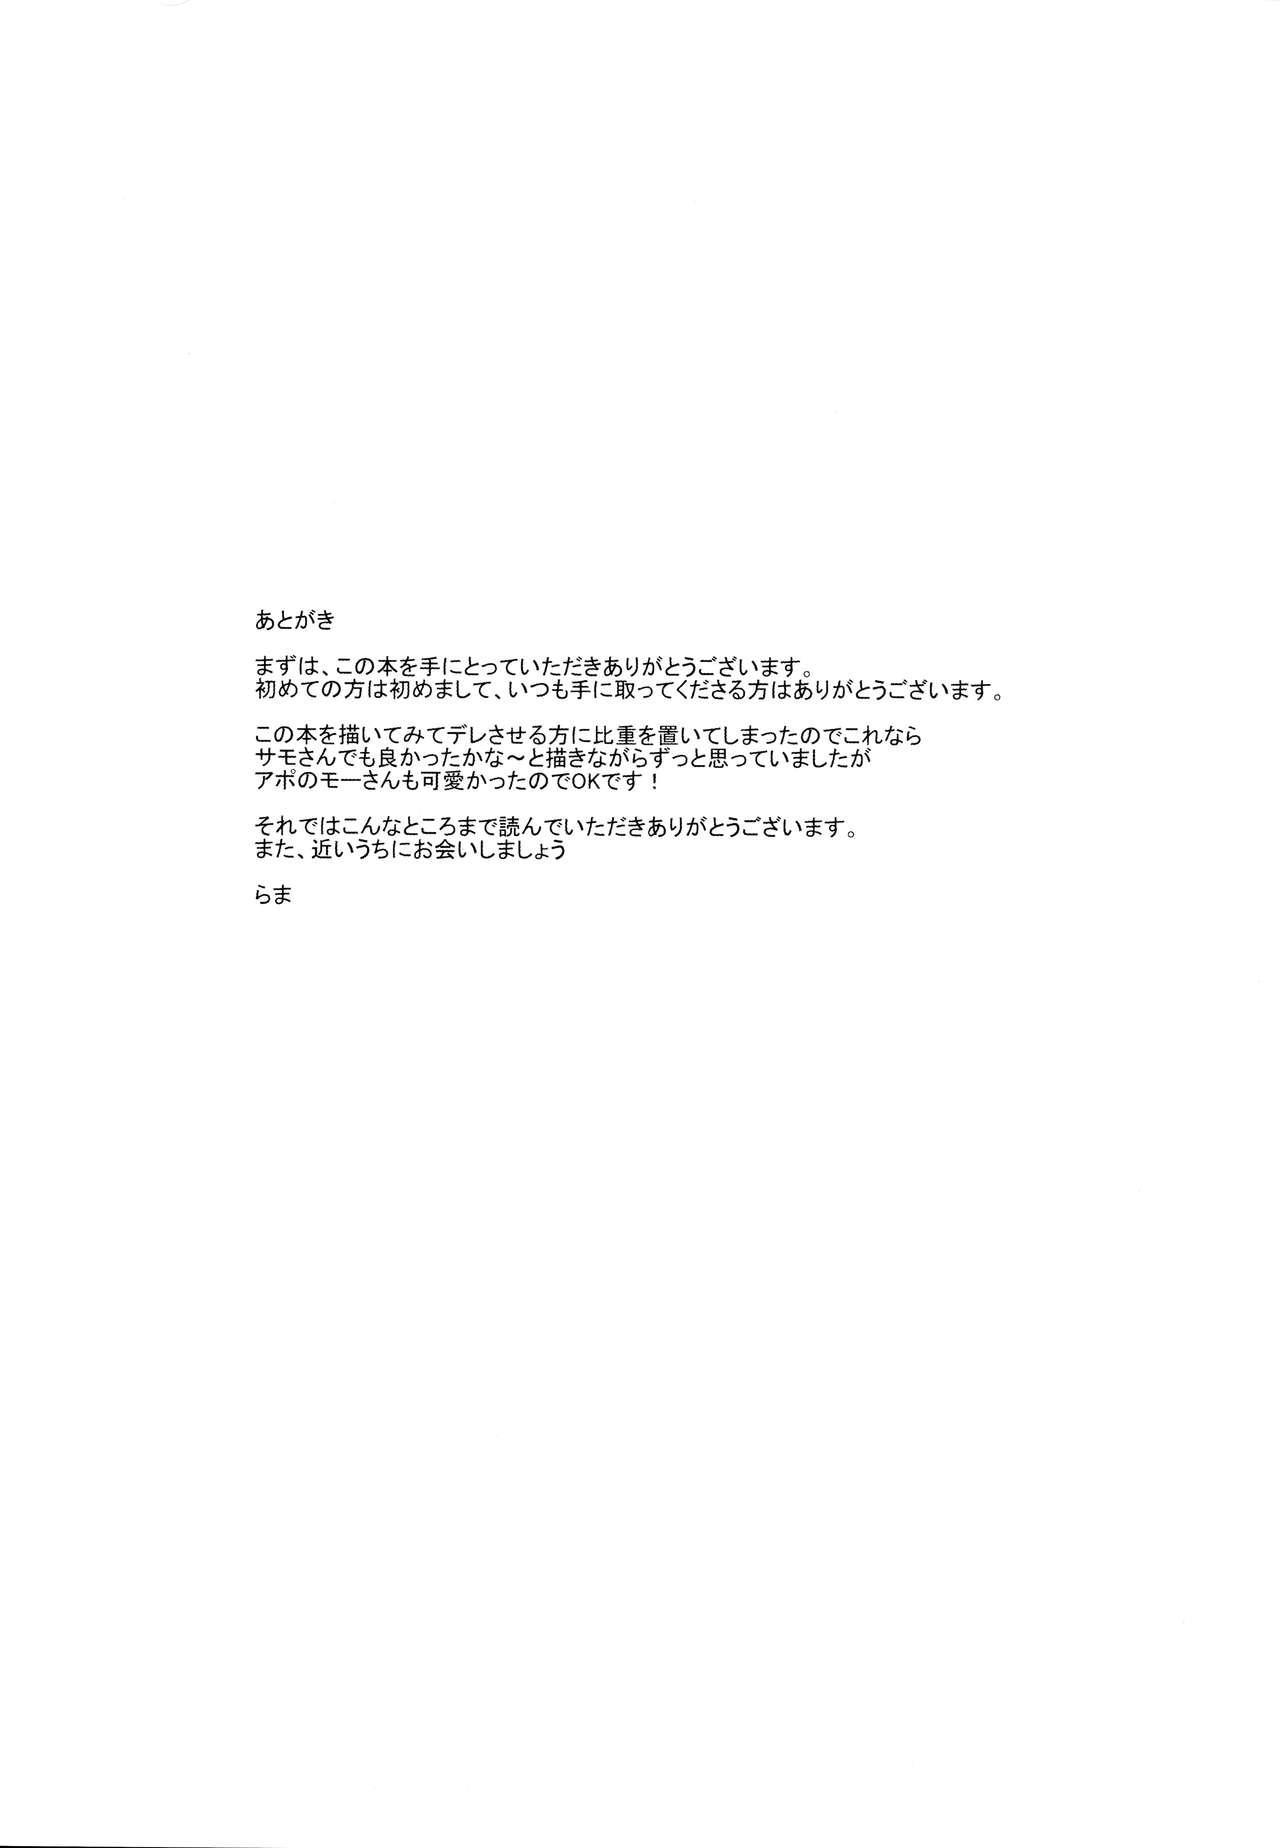 Hangyaku e no Hankou 19